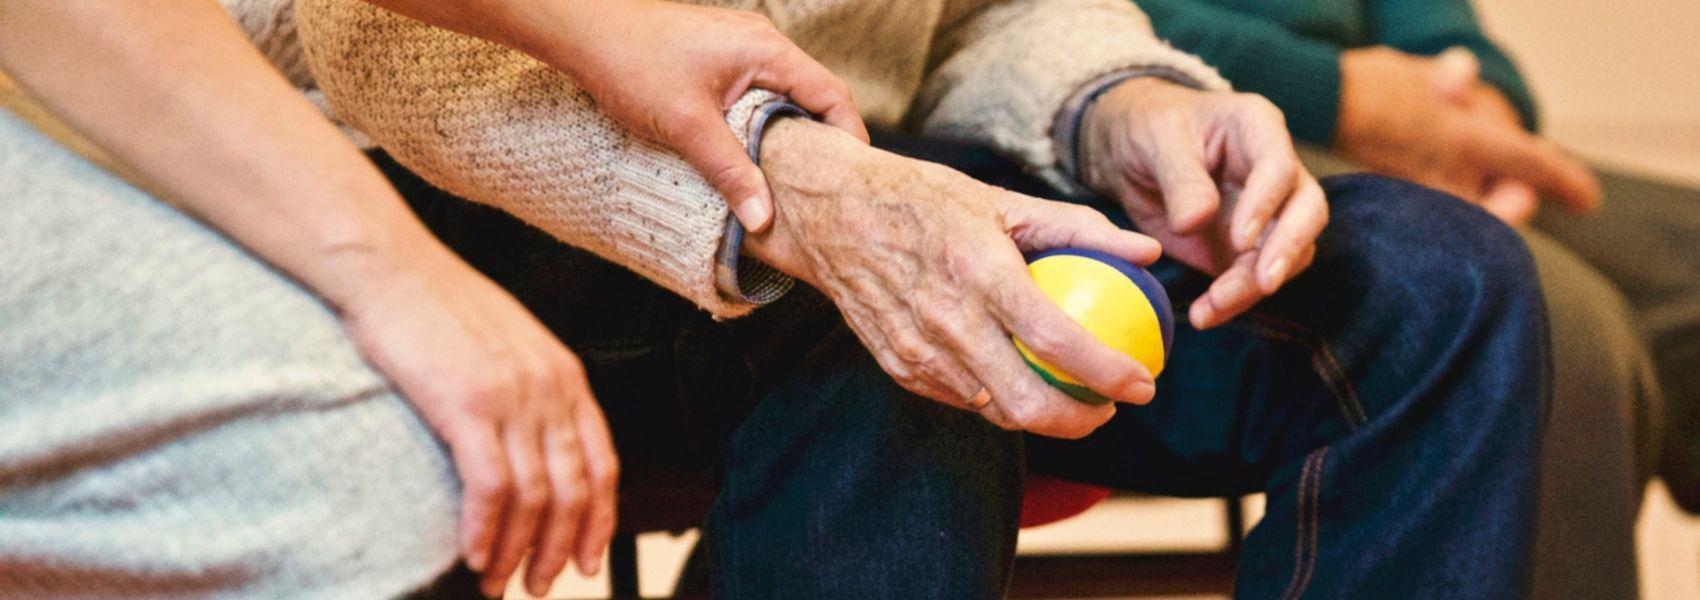 Cuidadores em risco de doenças cardiovasculares; estudo reclama mais apoios